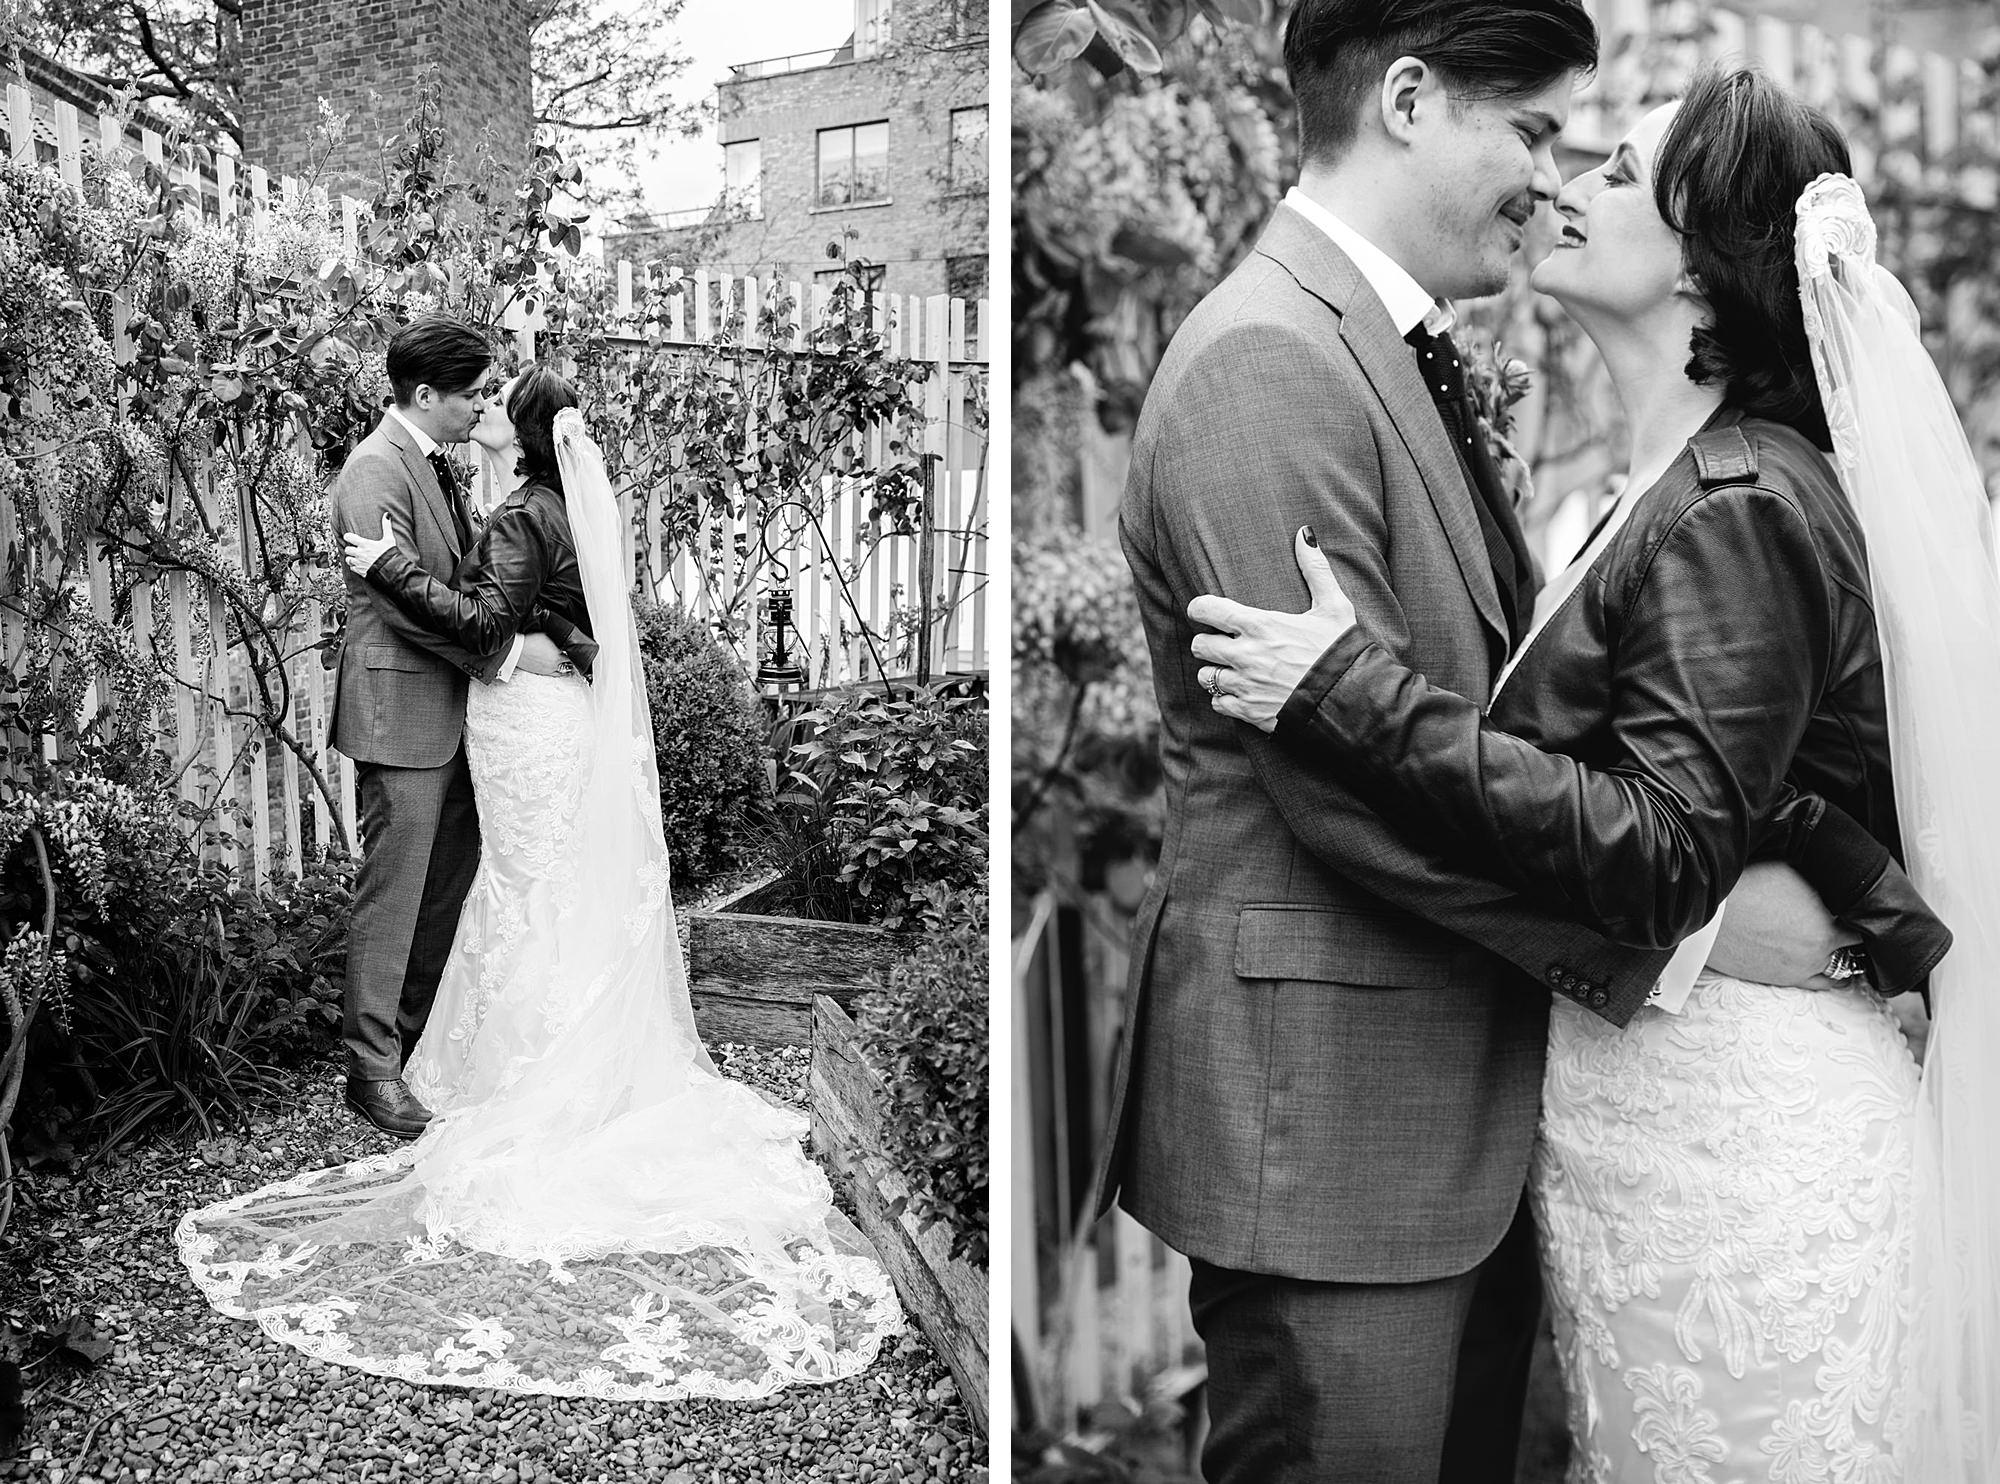 Brunel museum wedding groom and bride in garden